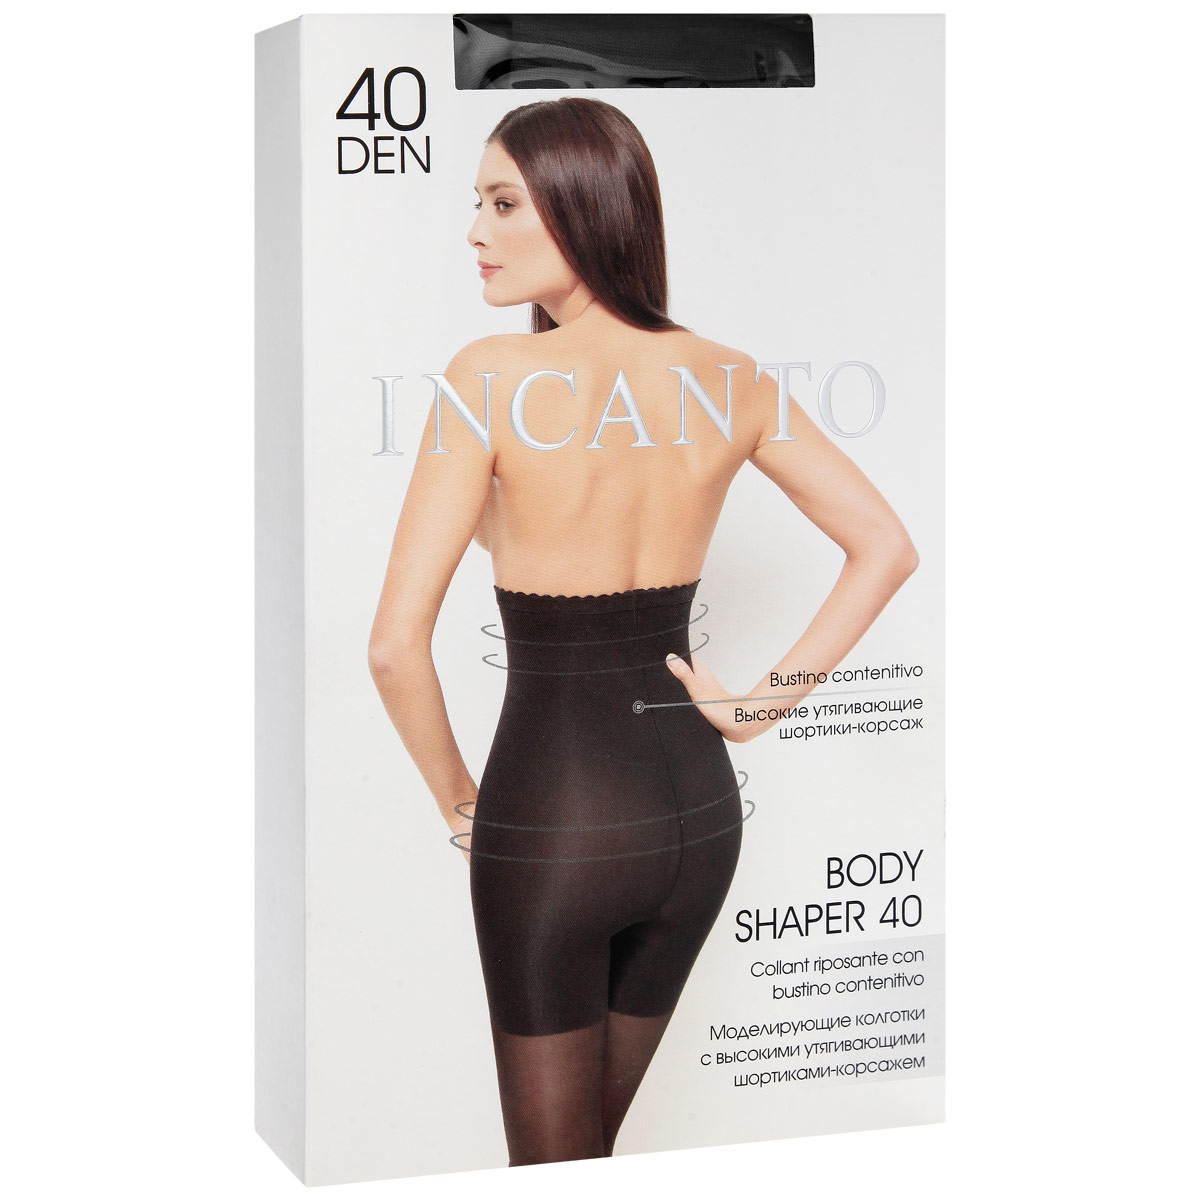 Колготки моделирующие Incanto Body Shaper 40, цвет: Nero (черный). Размер 5 incanto active body 40